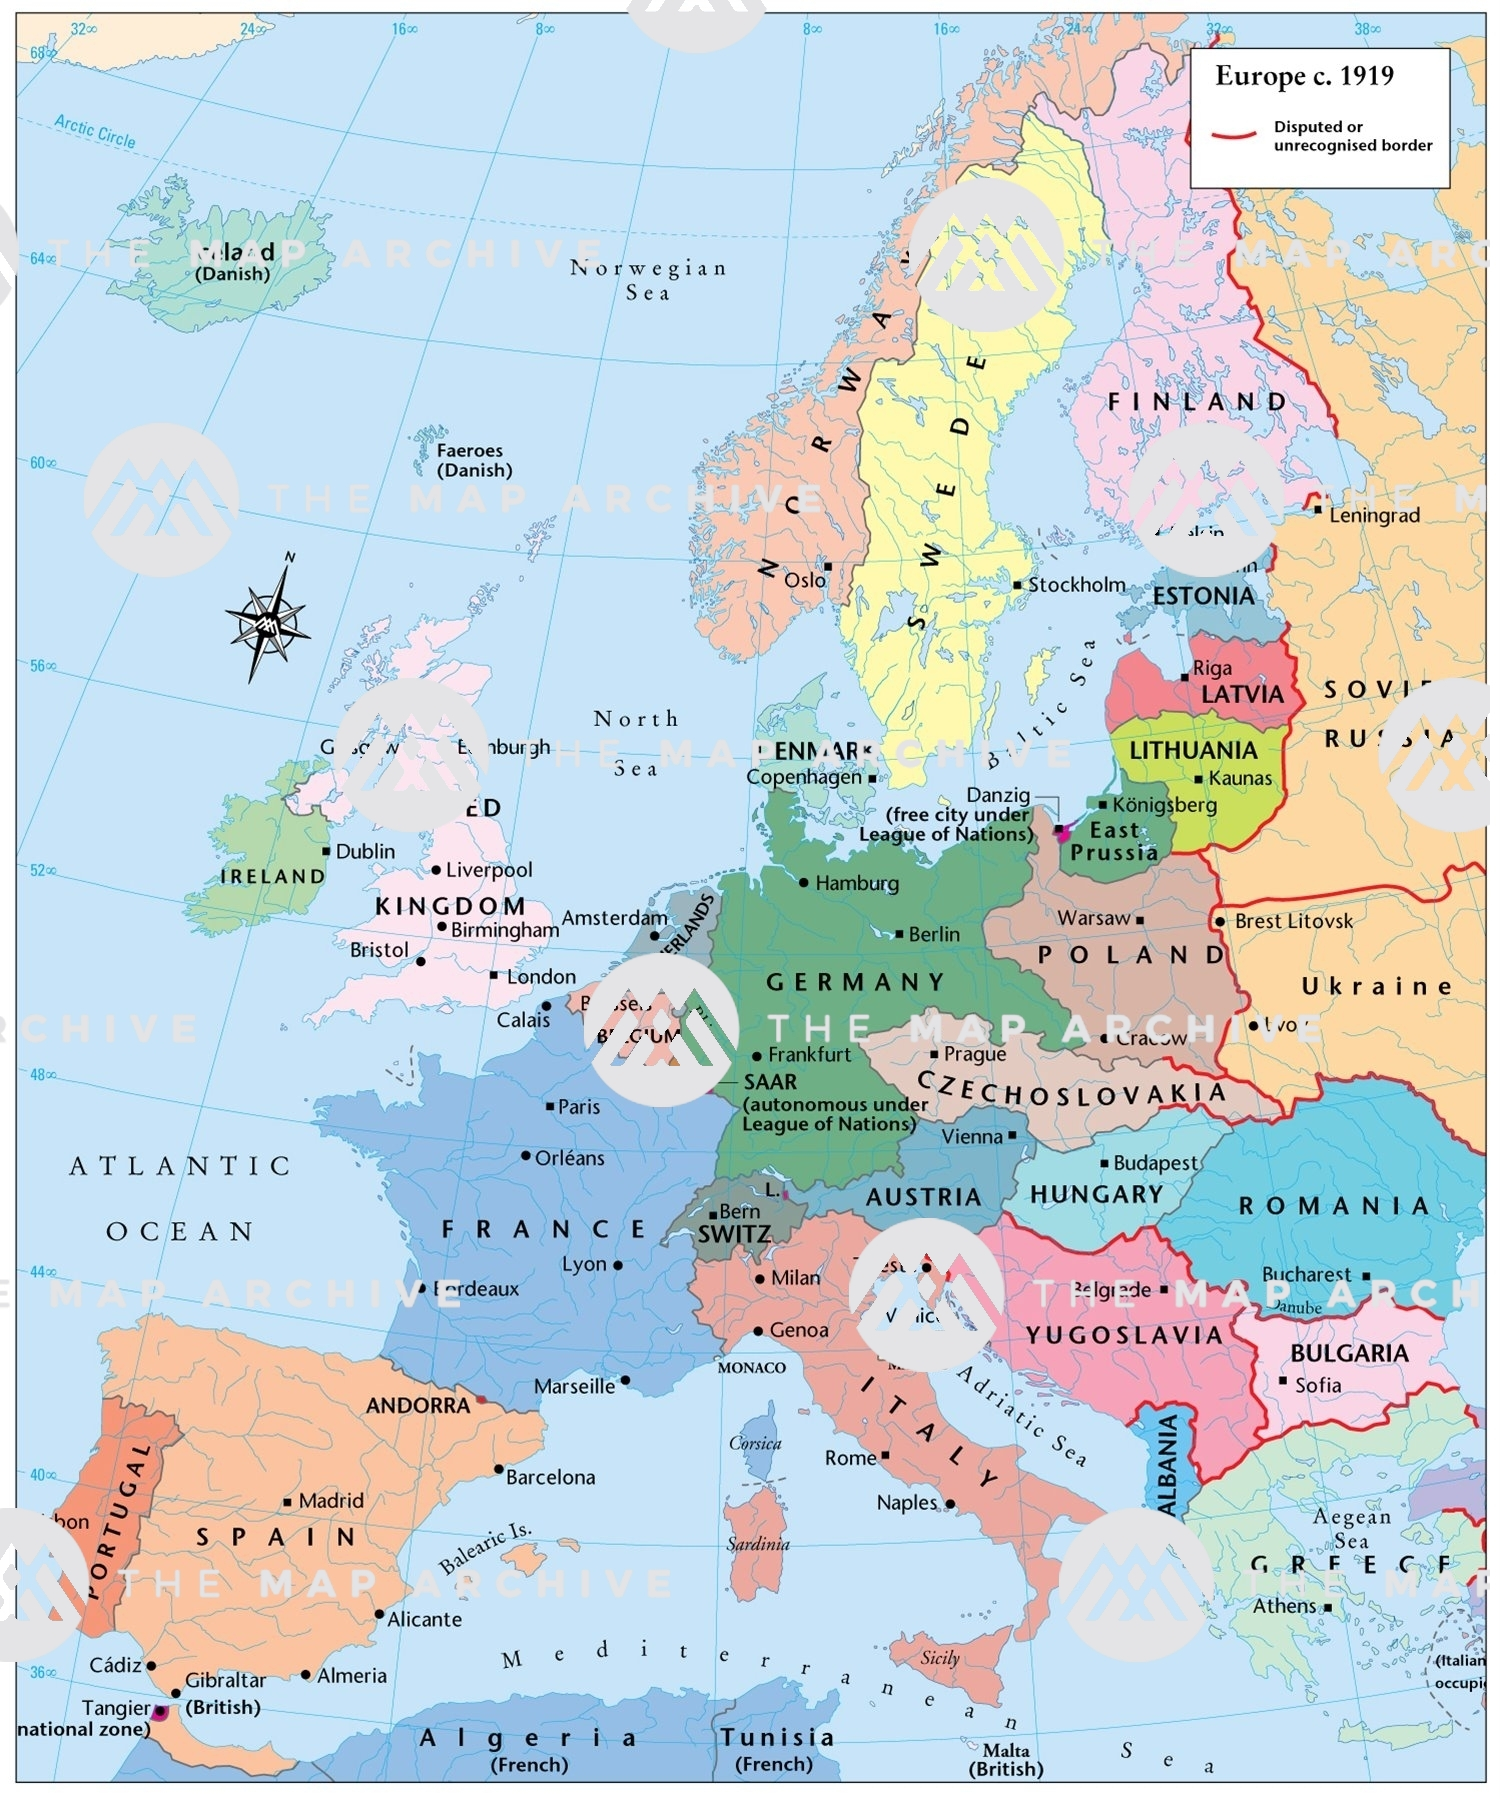 map of europe 1919 Europe c .1919